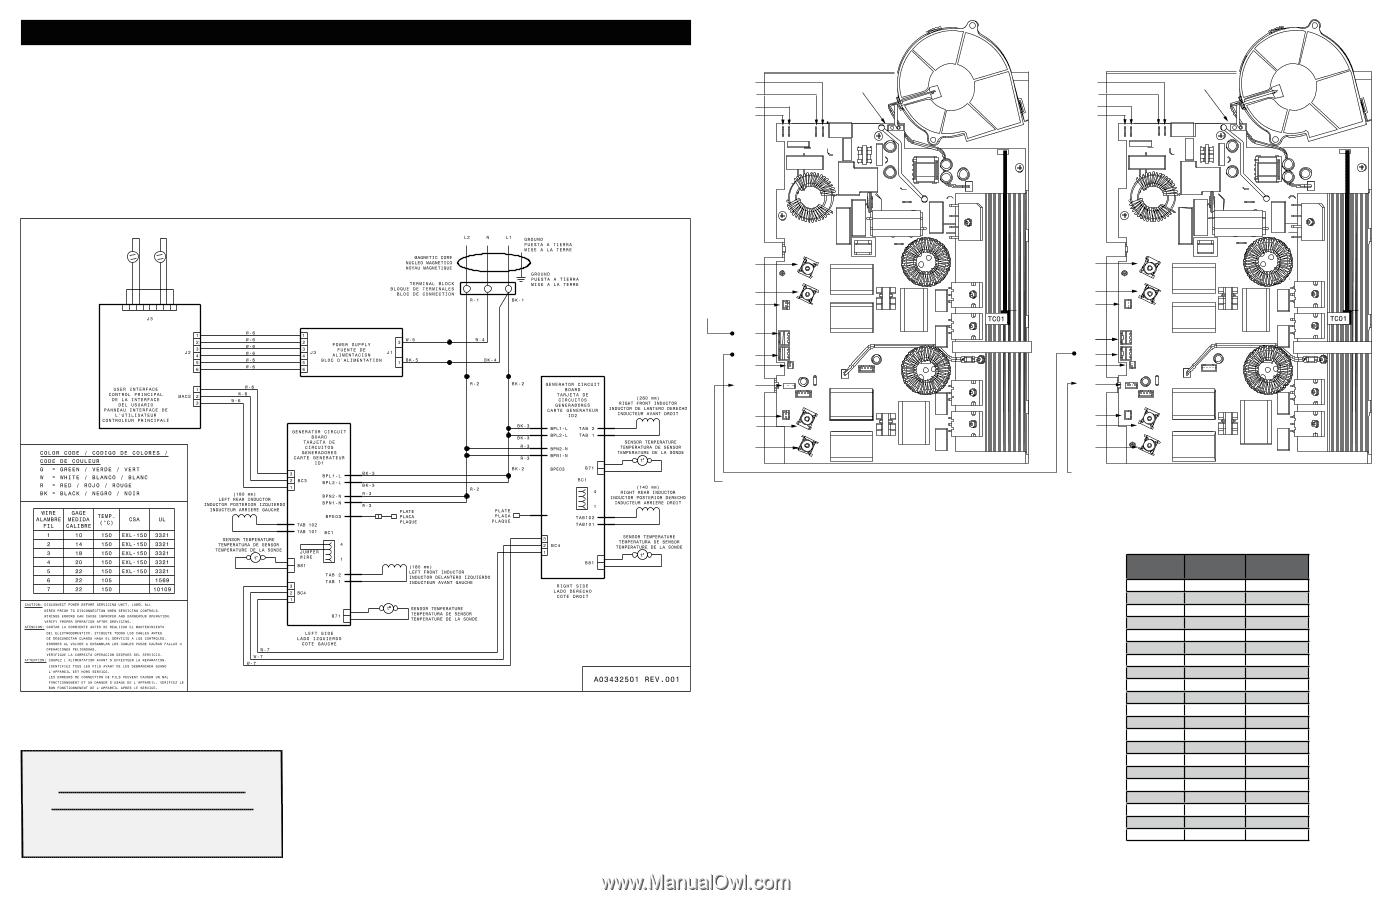 Frigidaire FPIC3077RF | Wiring DiagramManual Owl